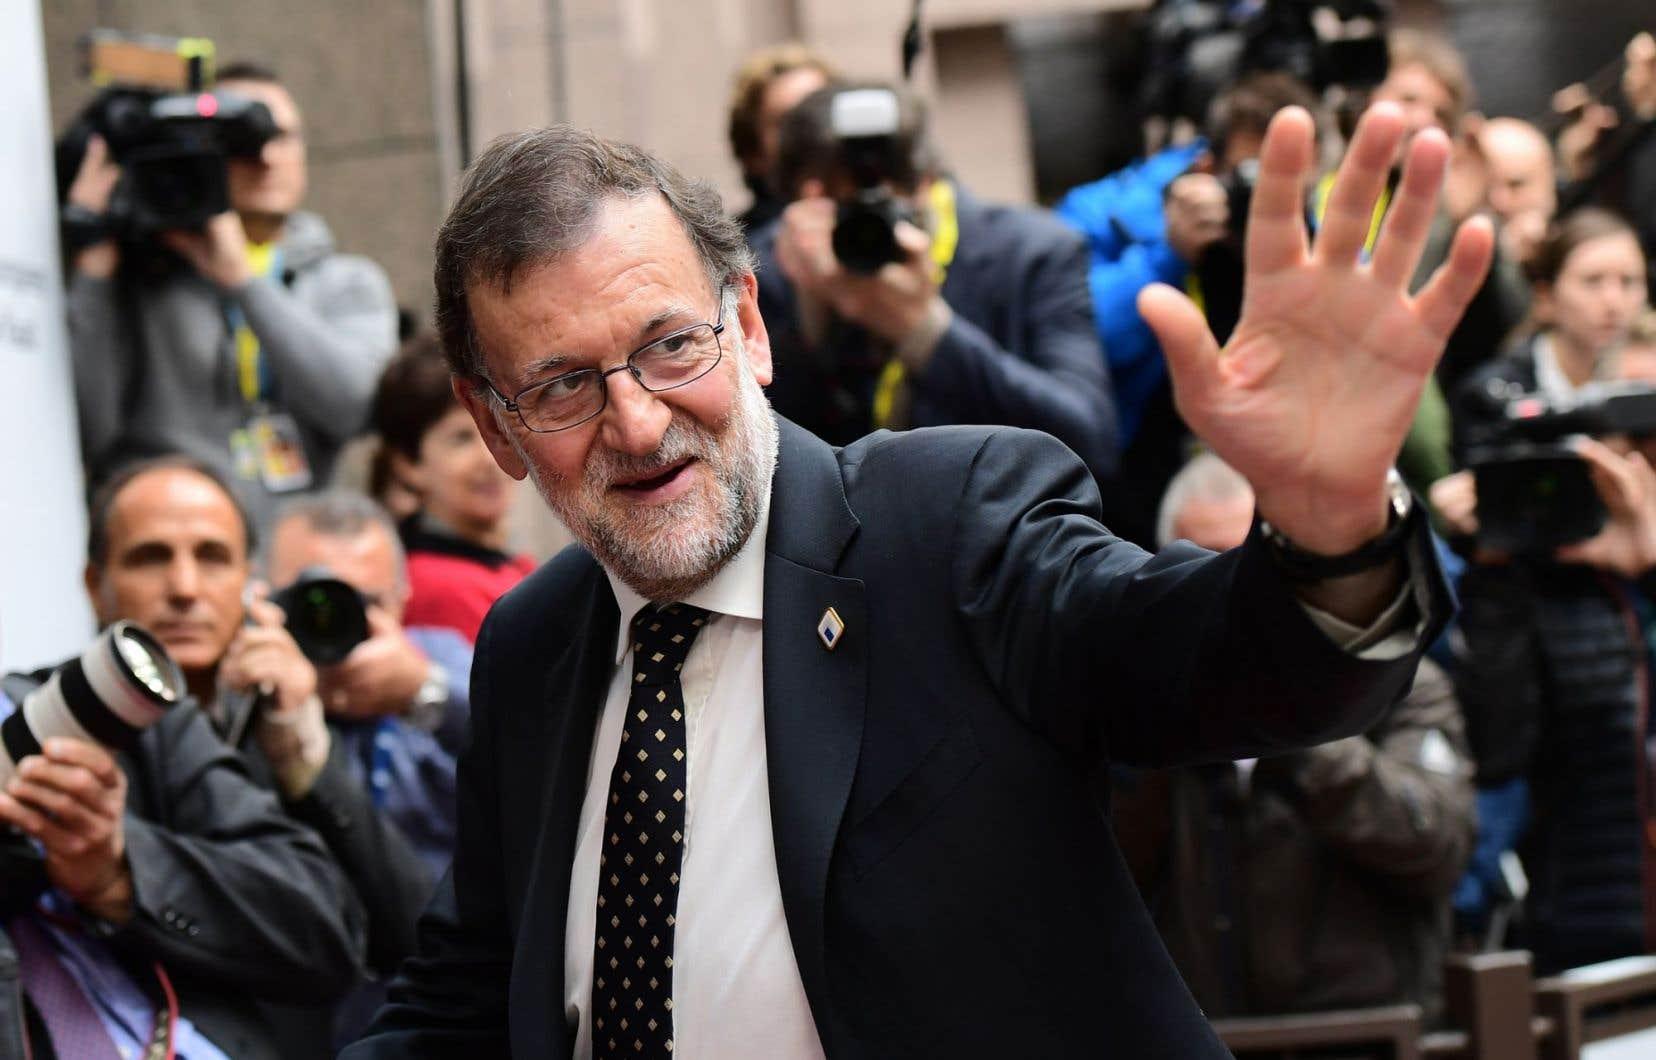 Le premier ministre d'Espagne Mariano Rajoy